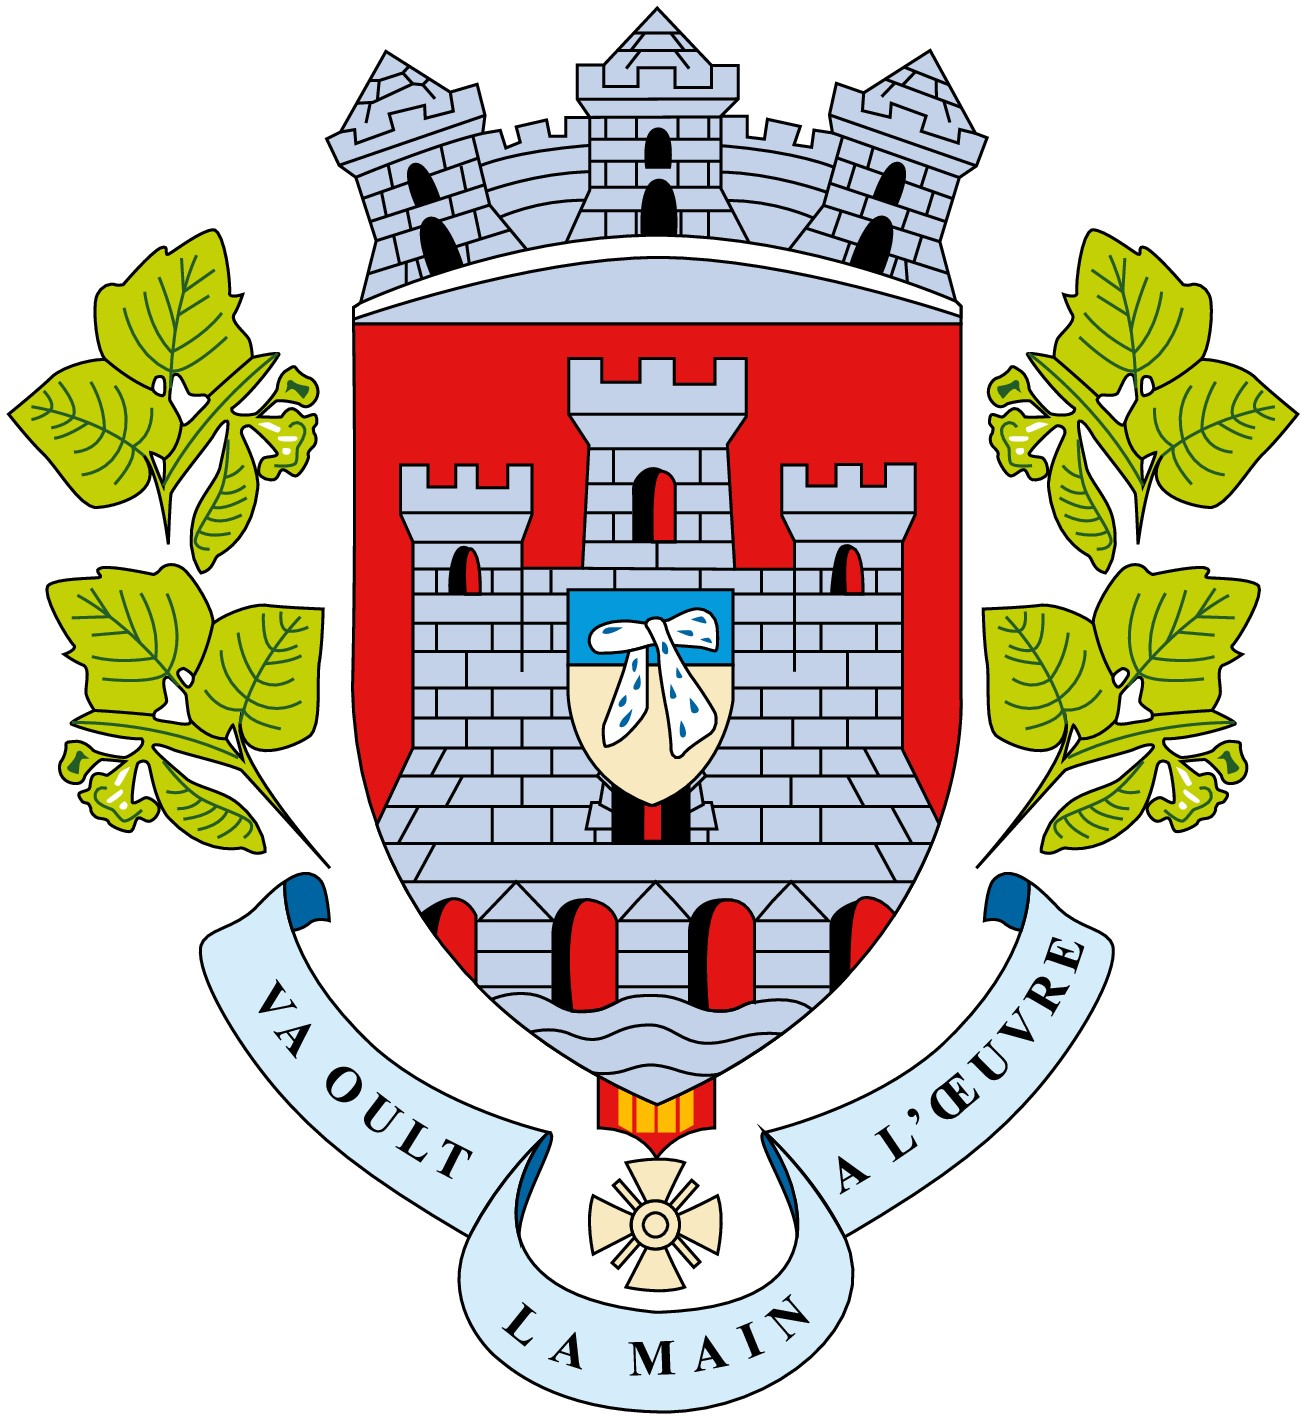 Blason de la mairie de L'isle-adam